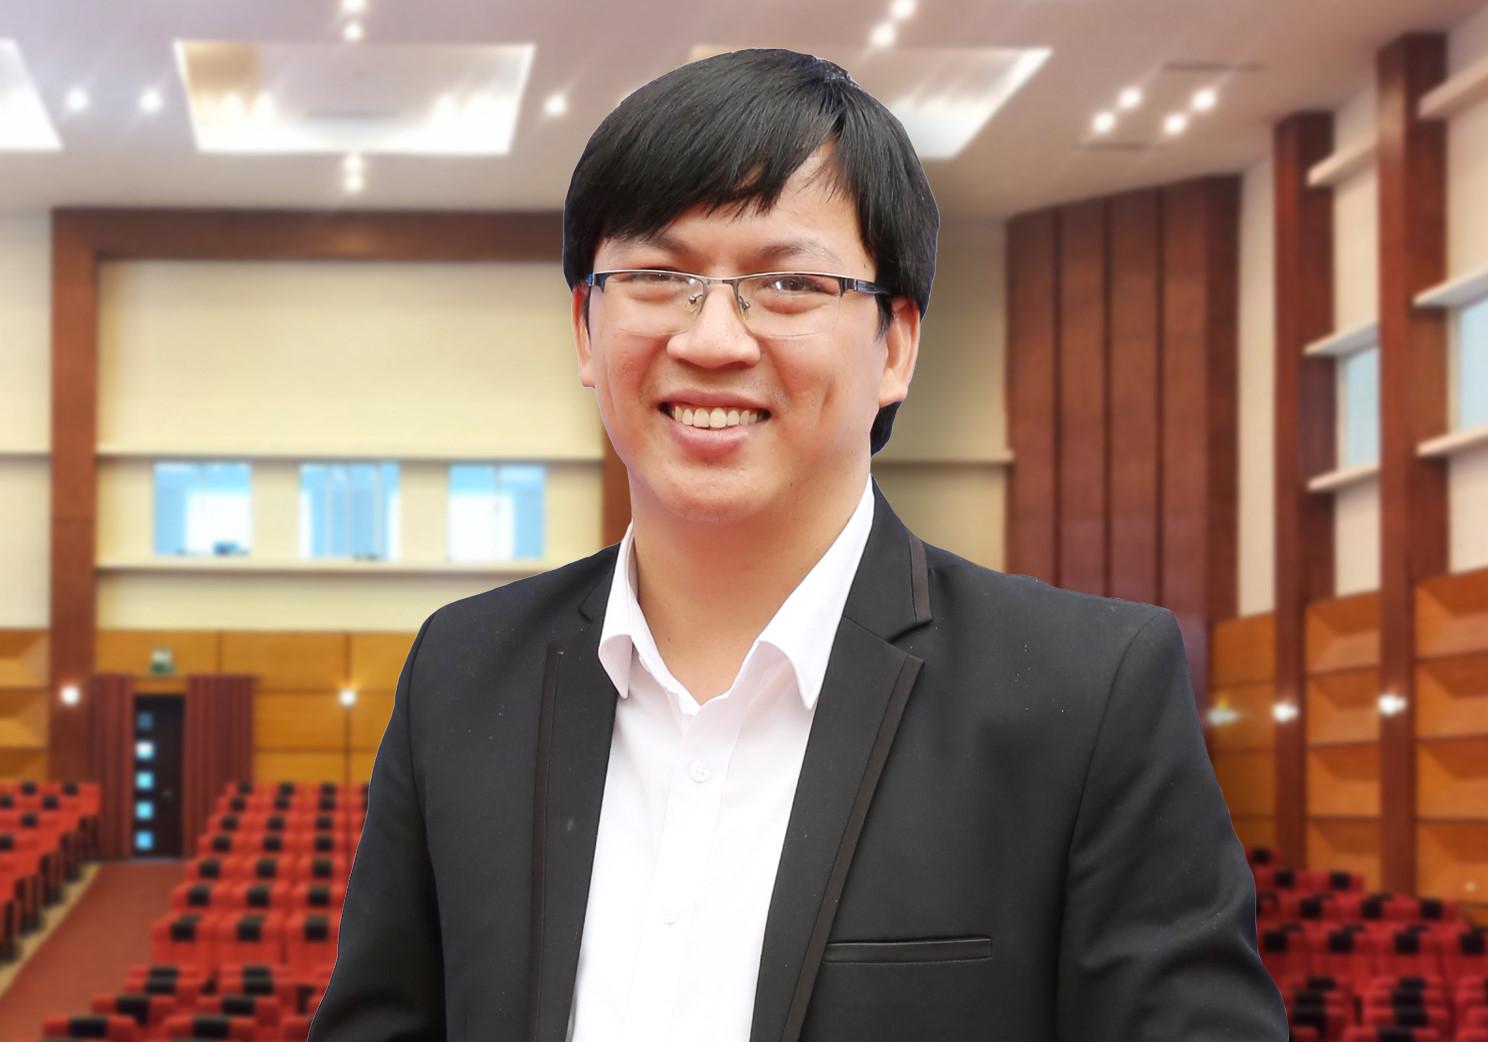 Thầy Đặng Ngọc Khương -Giáo viên bộ môn Ngữ Văn tại Hệ thống Giáo dục HOCMAI